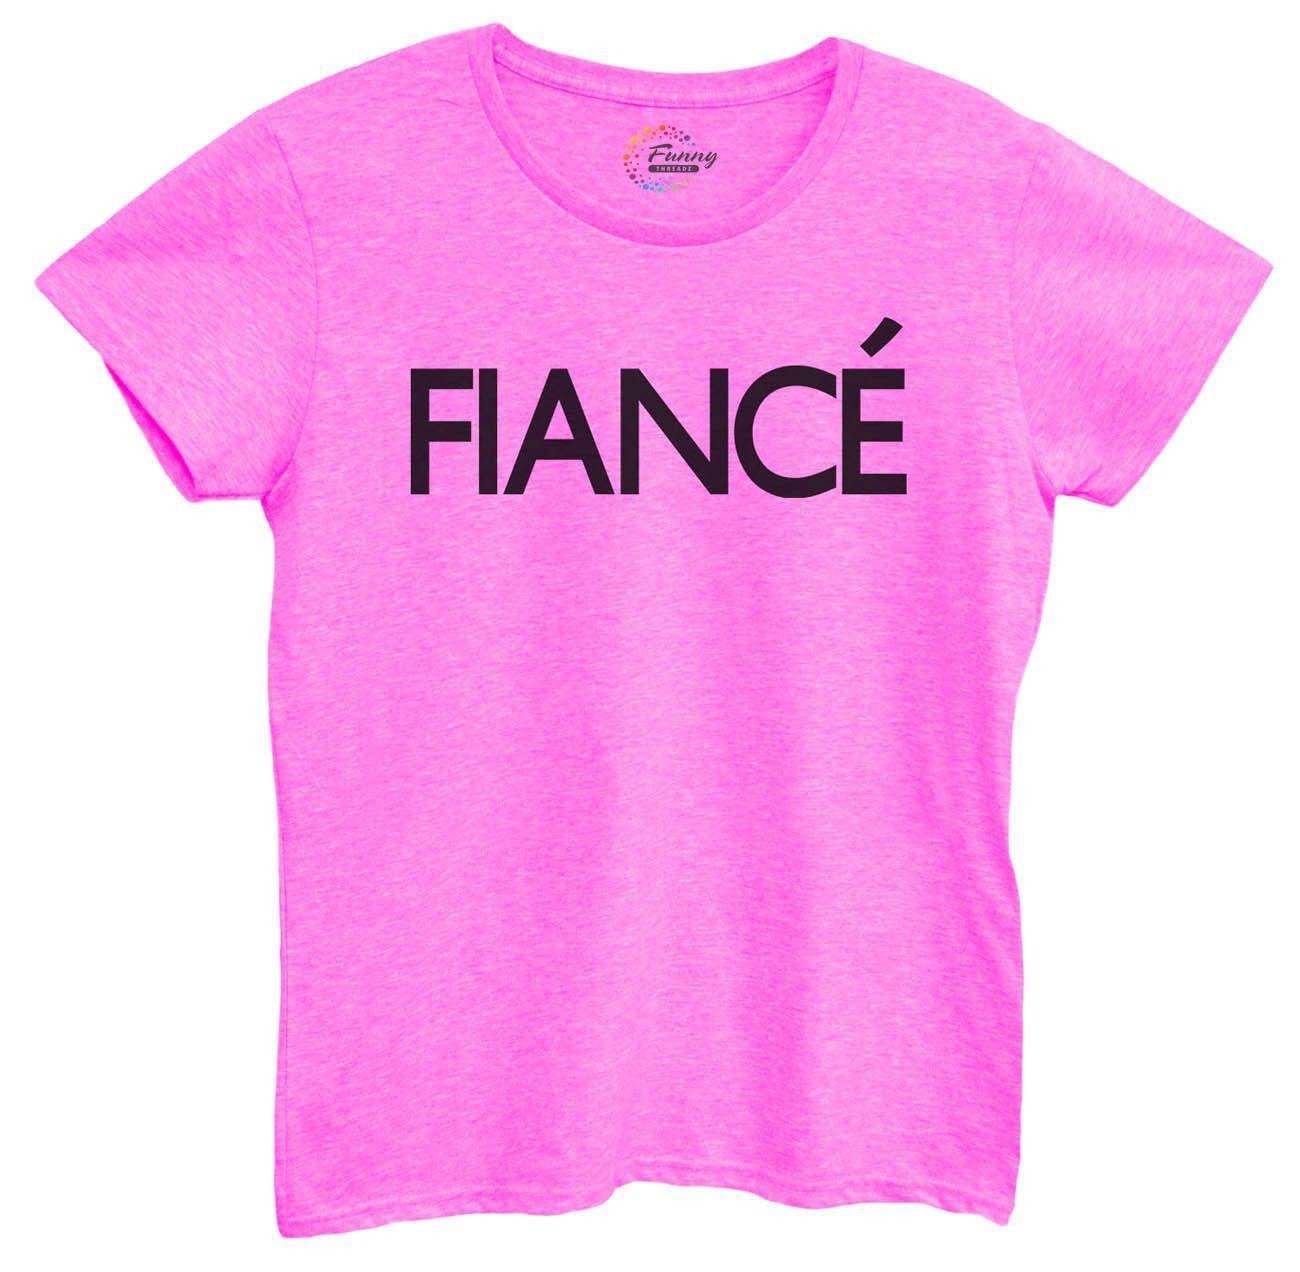 Womens Fiance Tshirt